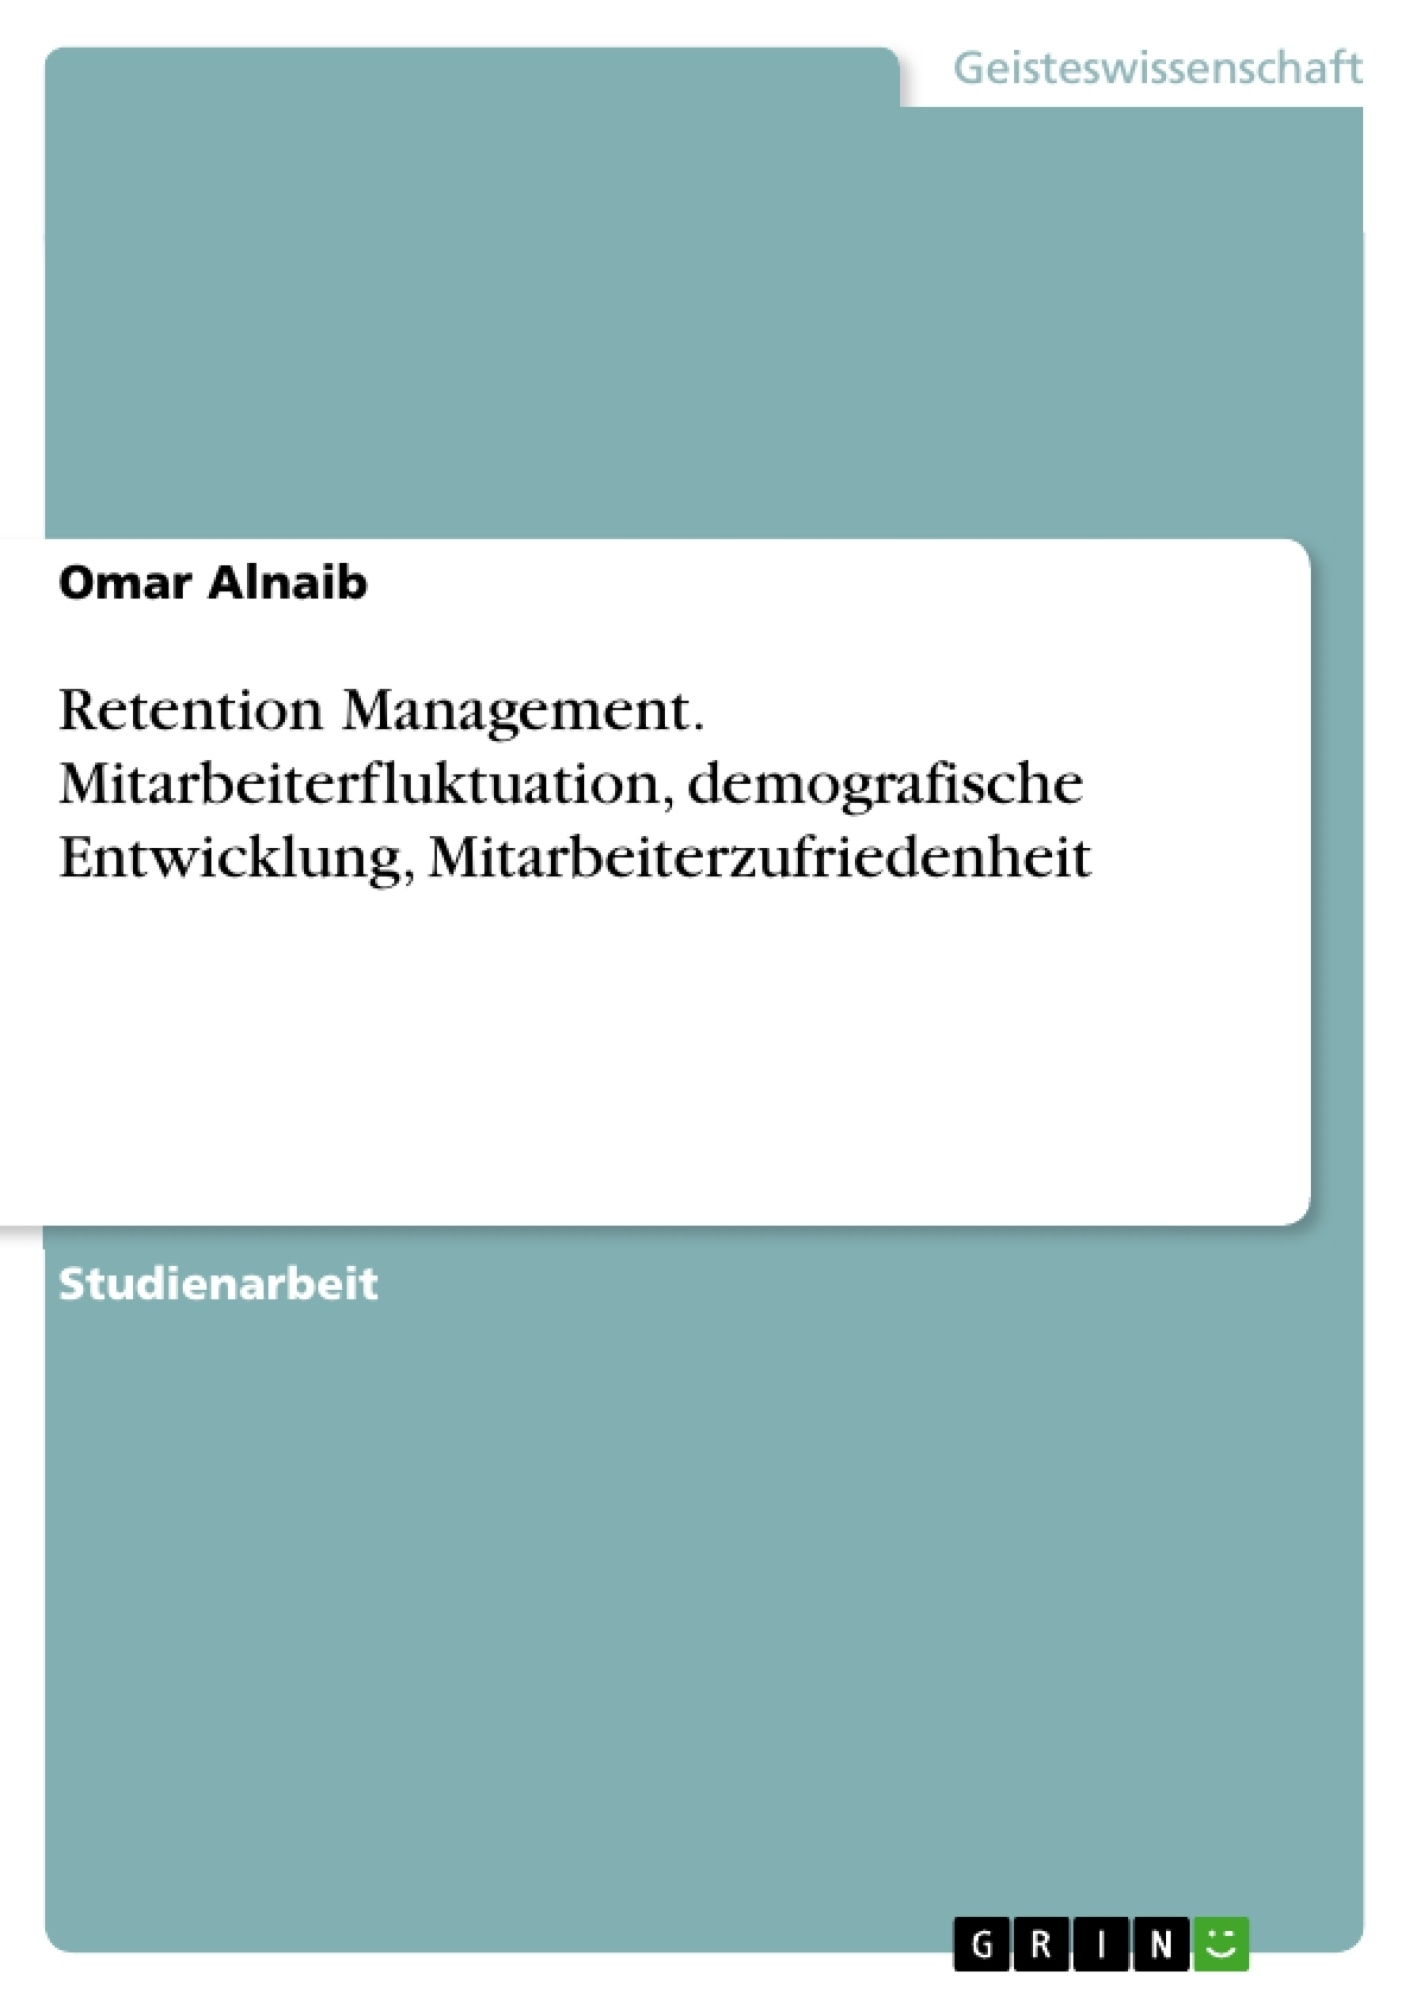 Titel: Retention Management. Mitarbeiterfluktuation, demografische Entwicklung,  Mitarbeiterzufriedenheit